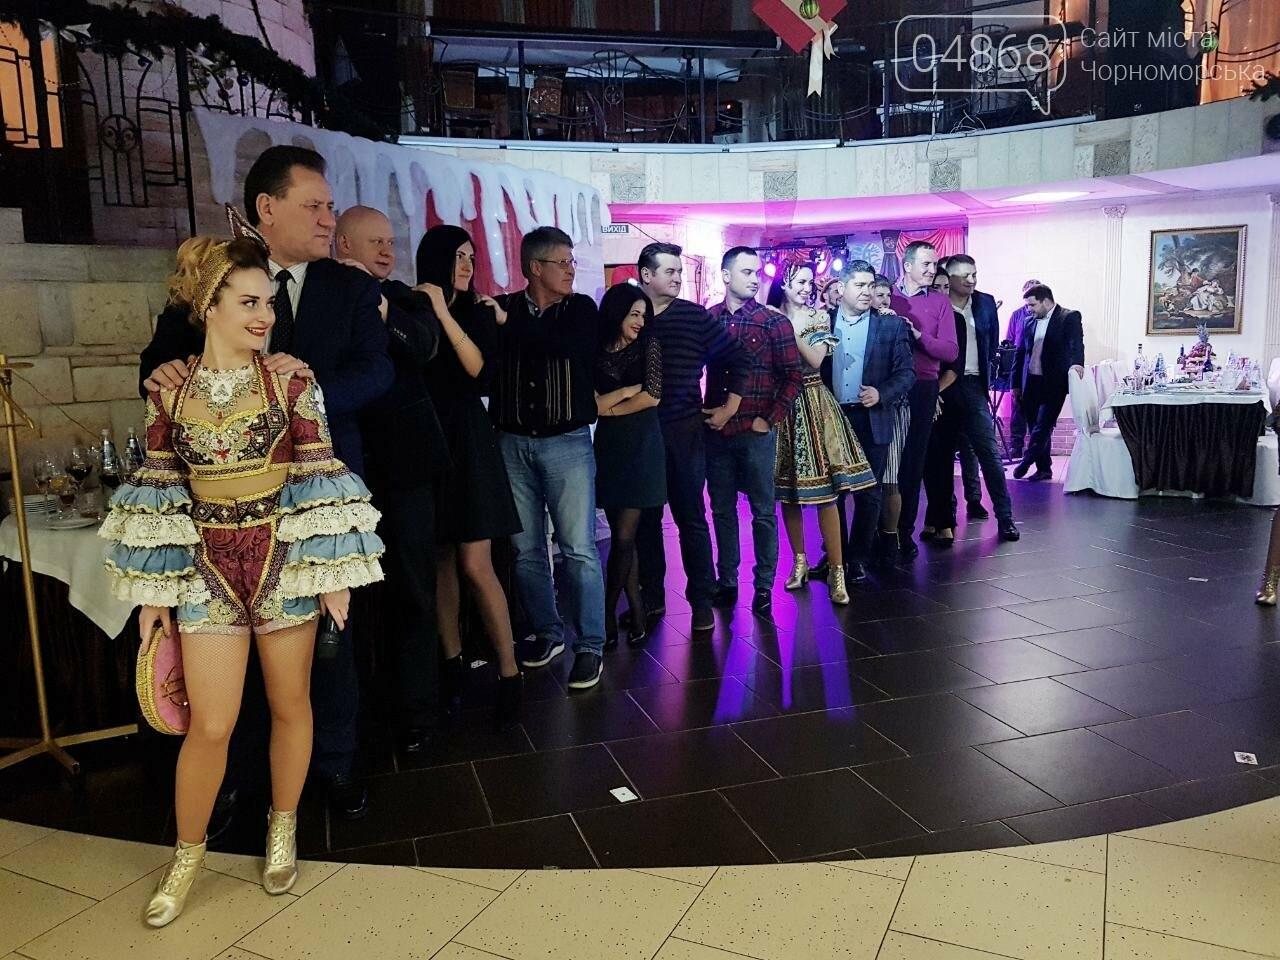 Руководство Ильичевского судоремонтного завода поздравляет с наступающими праздниками, фото-11